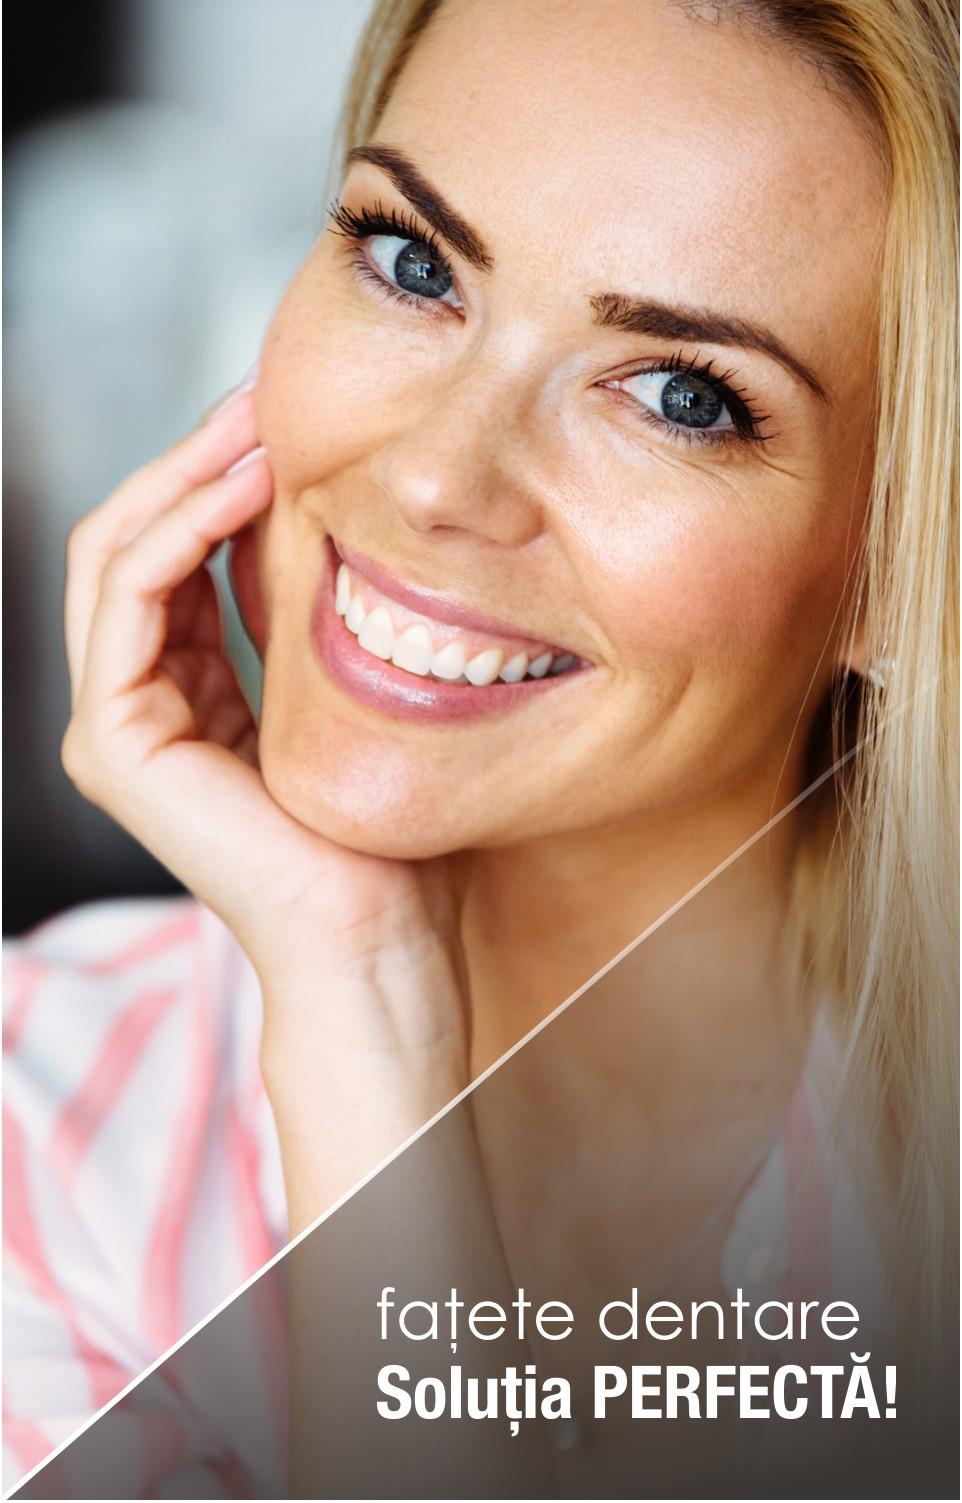 Cele mai bune motive pentru a alege fațetele dentare E.Max!